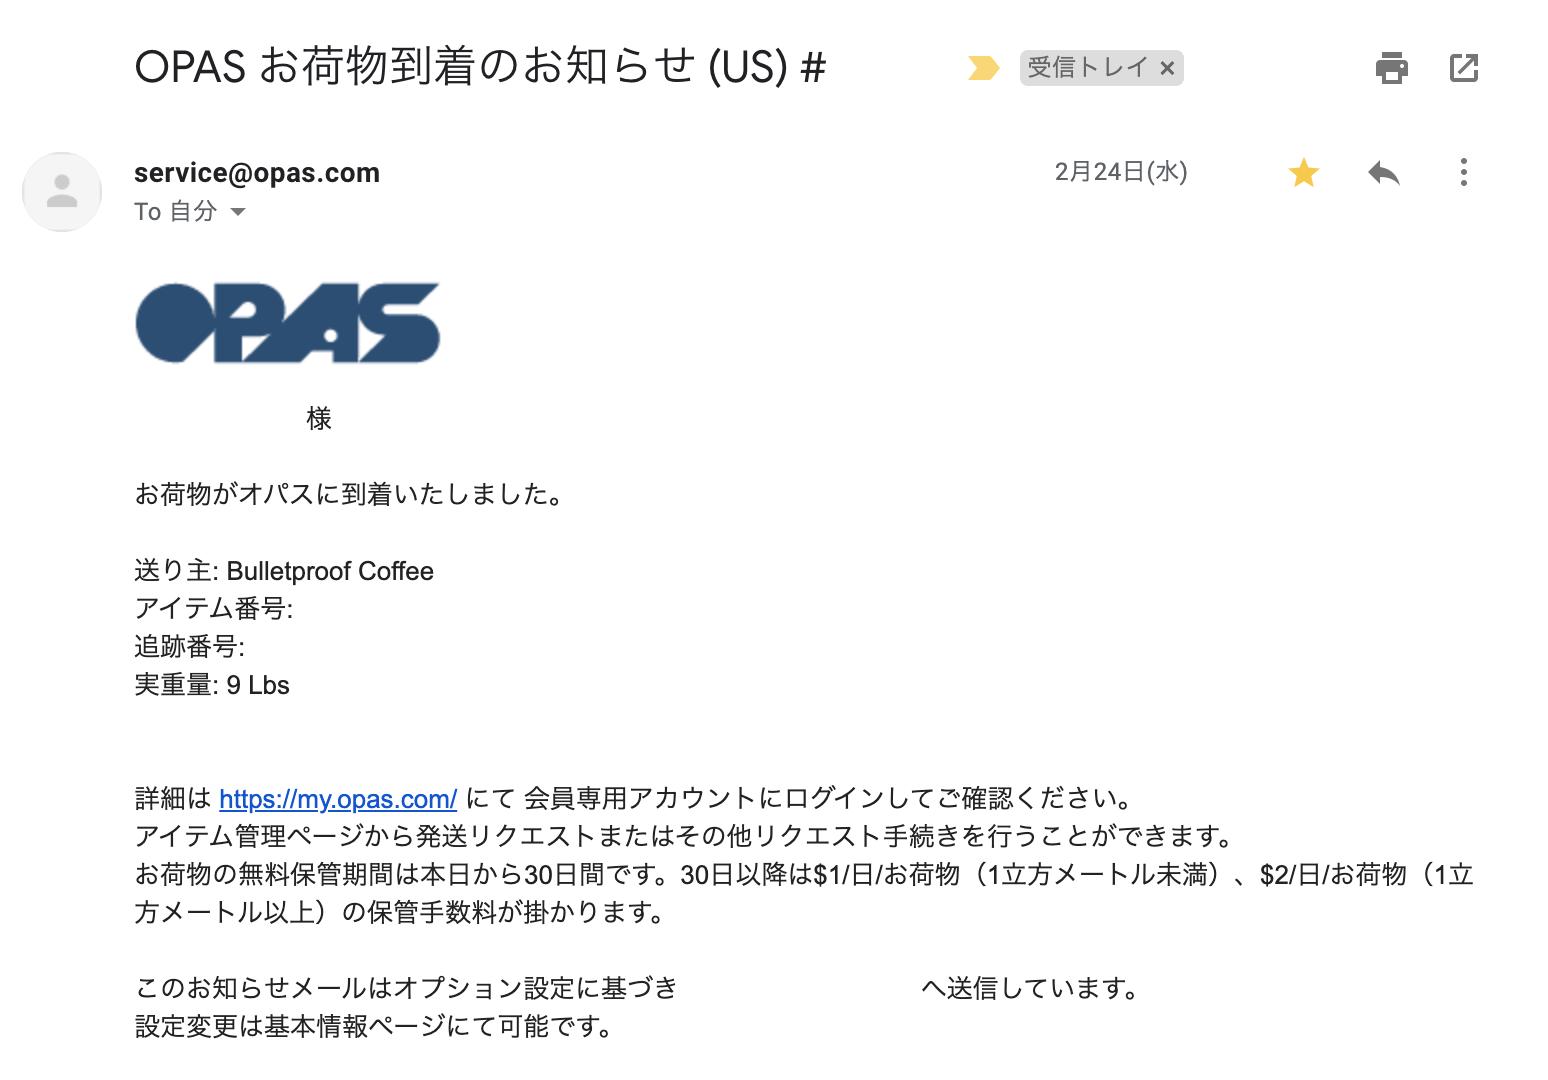 海外転送サービスの「OPAS オパス」使い方を解説 お荷物到着のお知らせ